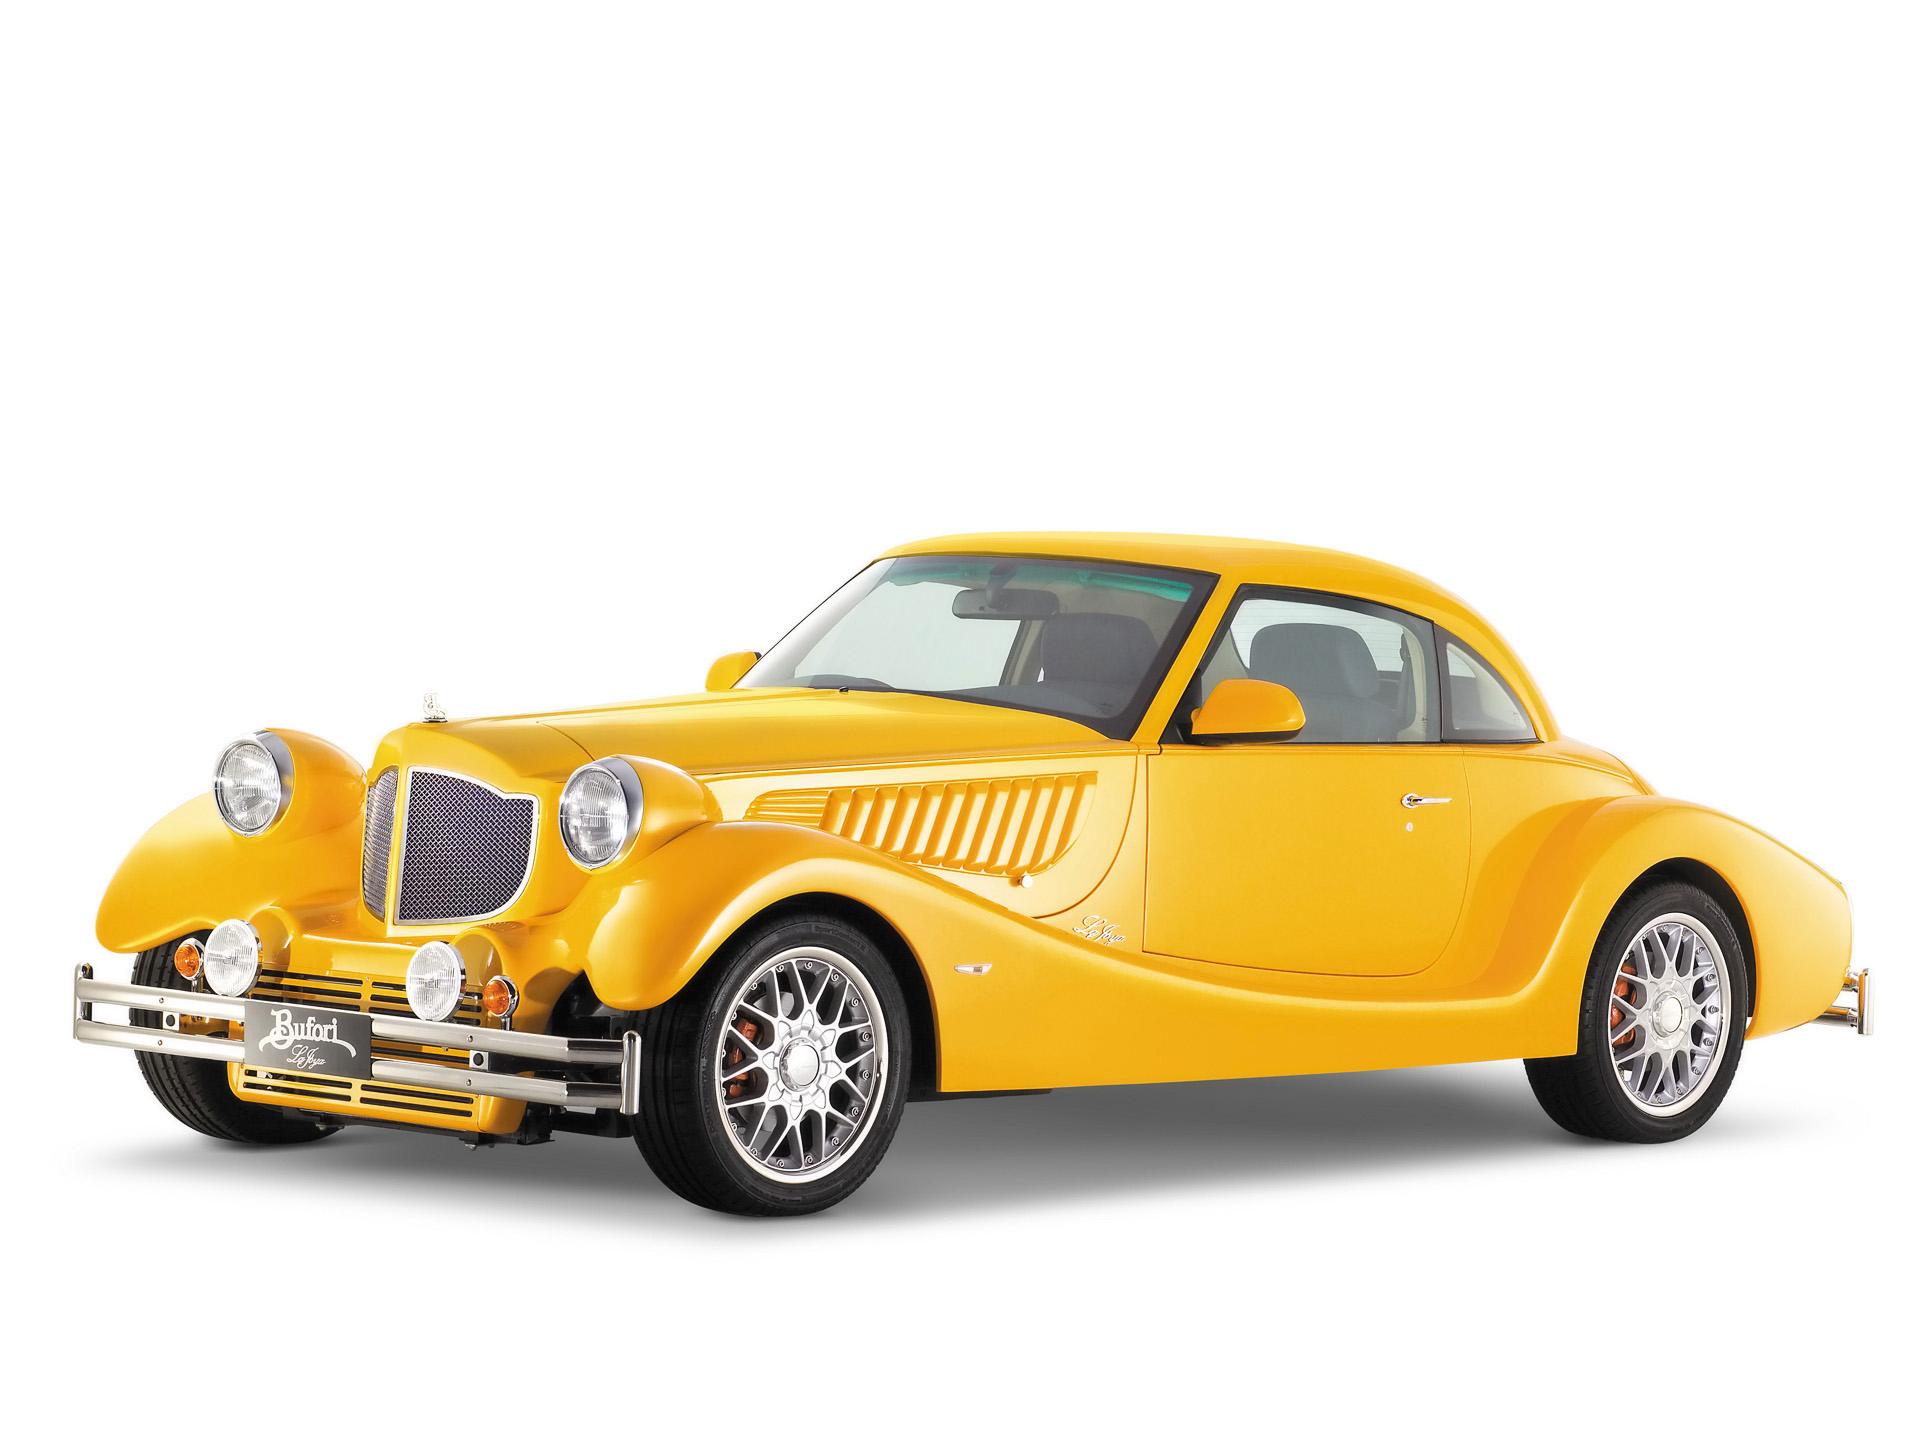 1920*1440超大汽车壁纸|汽车壁纸-壁纸下载